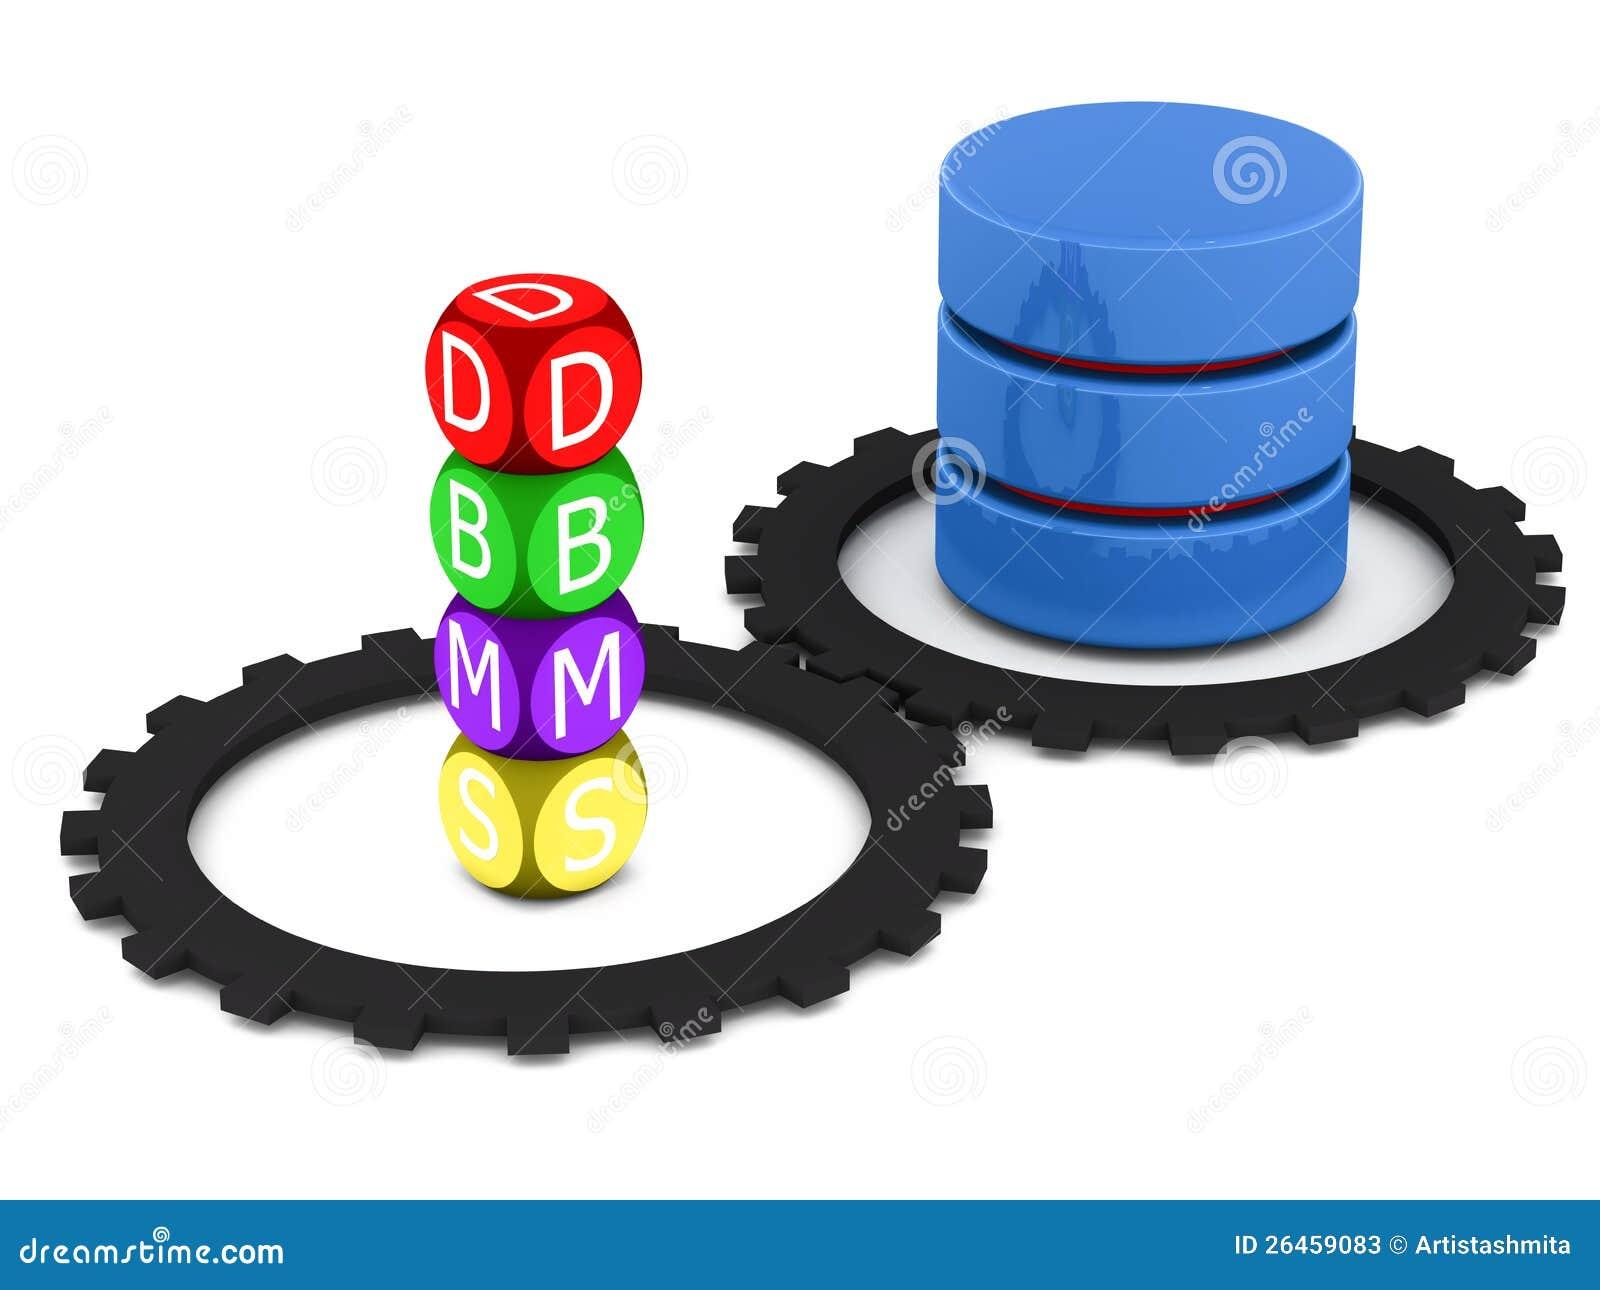 Database Management System Stock Photos - Image: 26459083